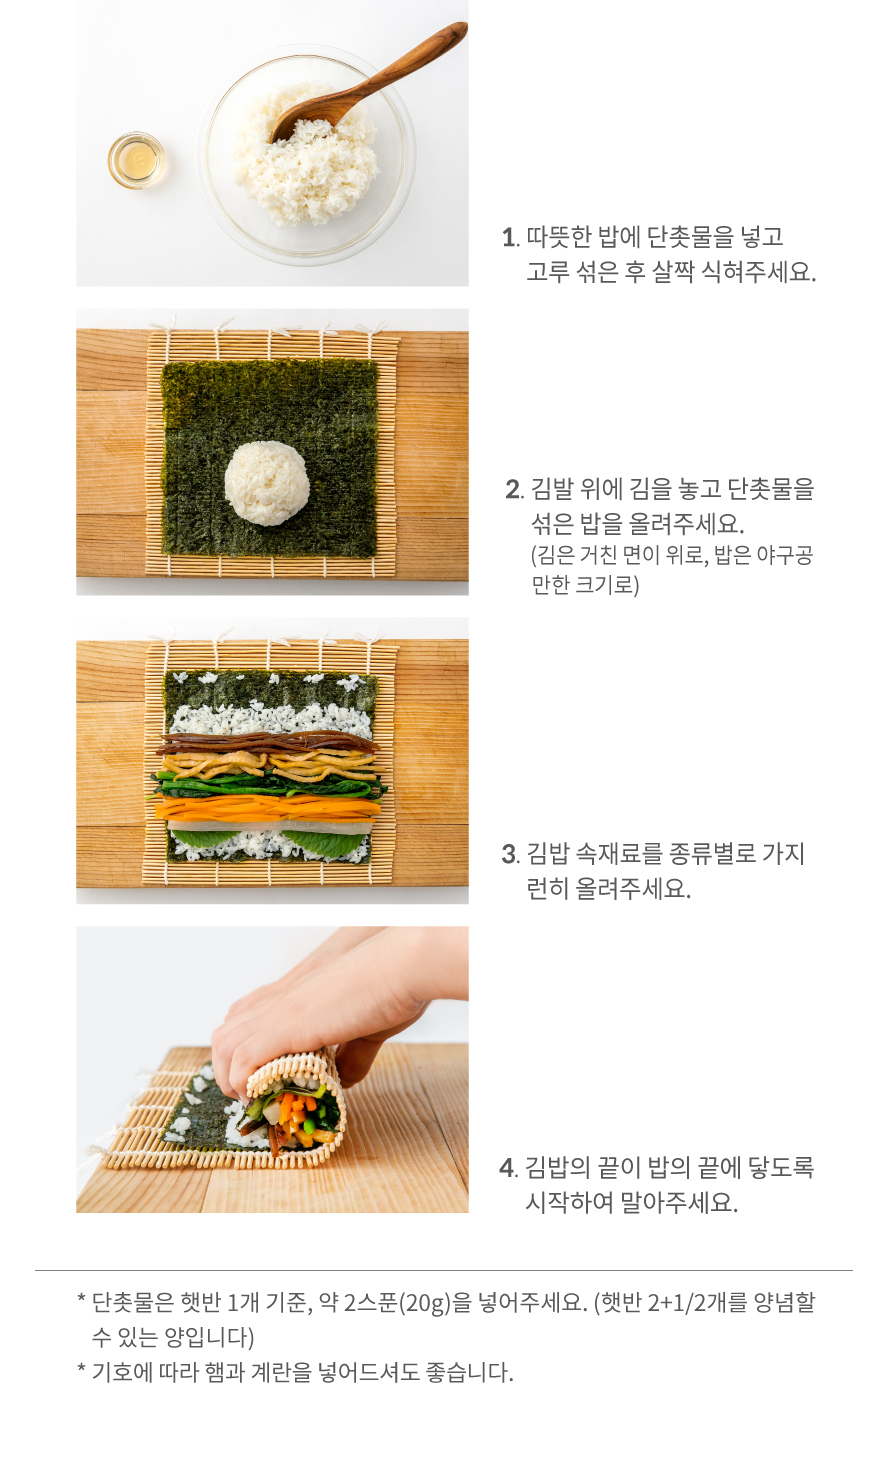 김밥 조리법